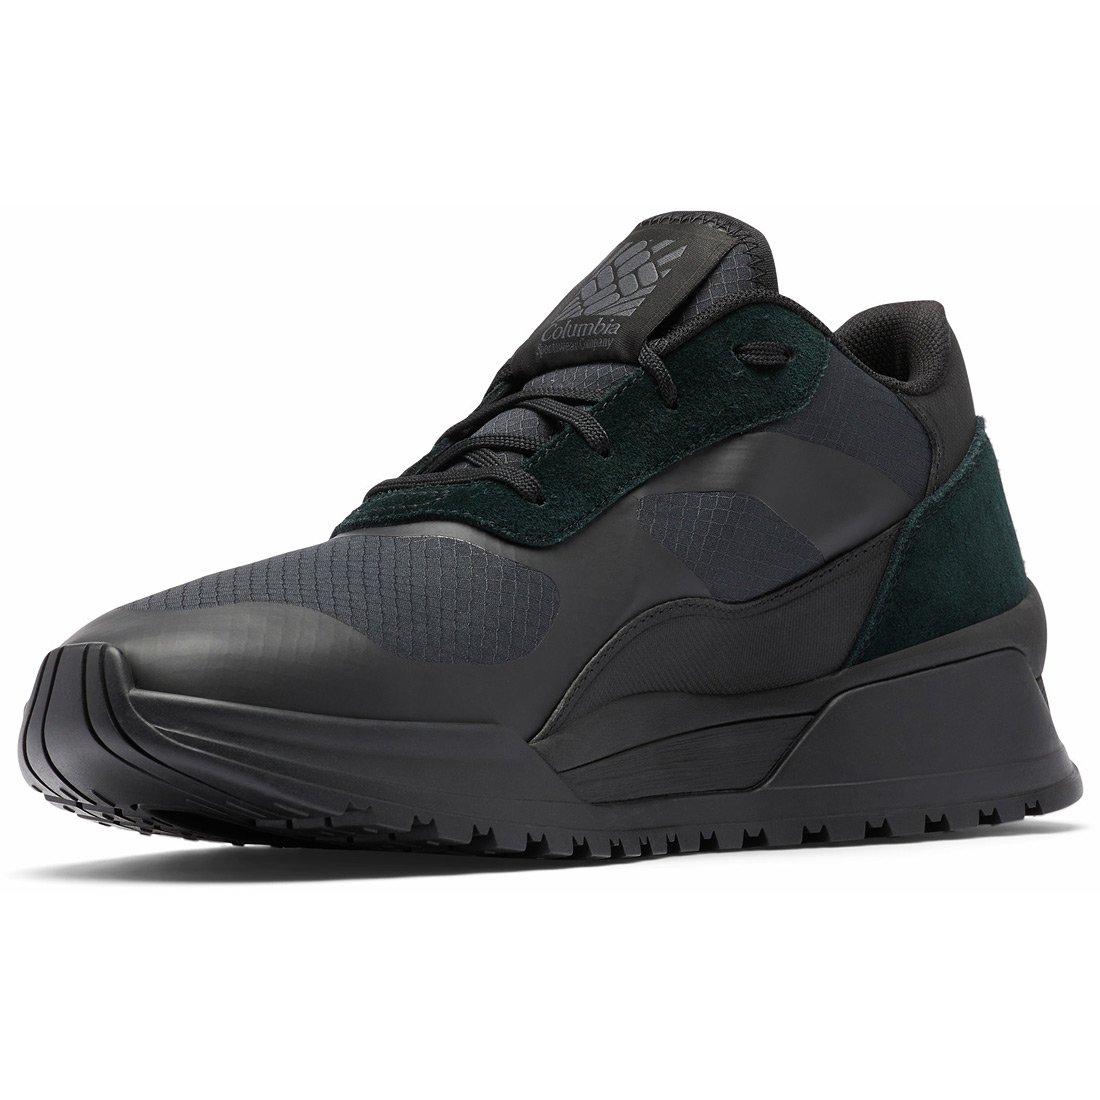 נעלי טיולים לגברים - Wildone Heritage M - Columbia